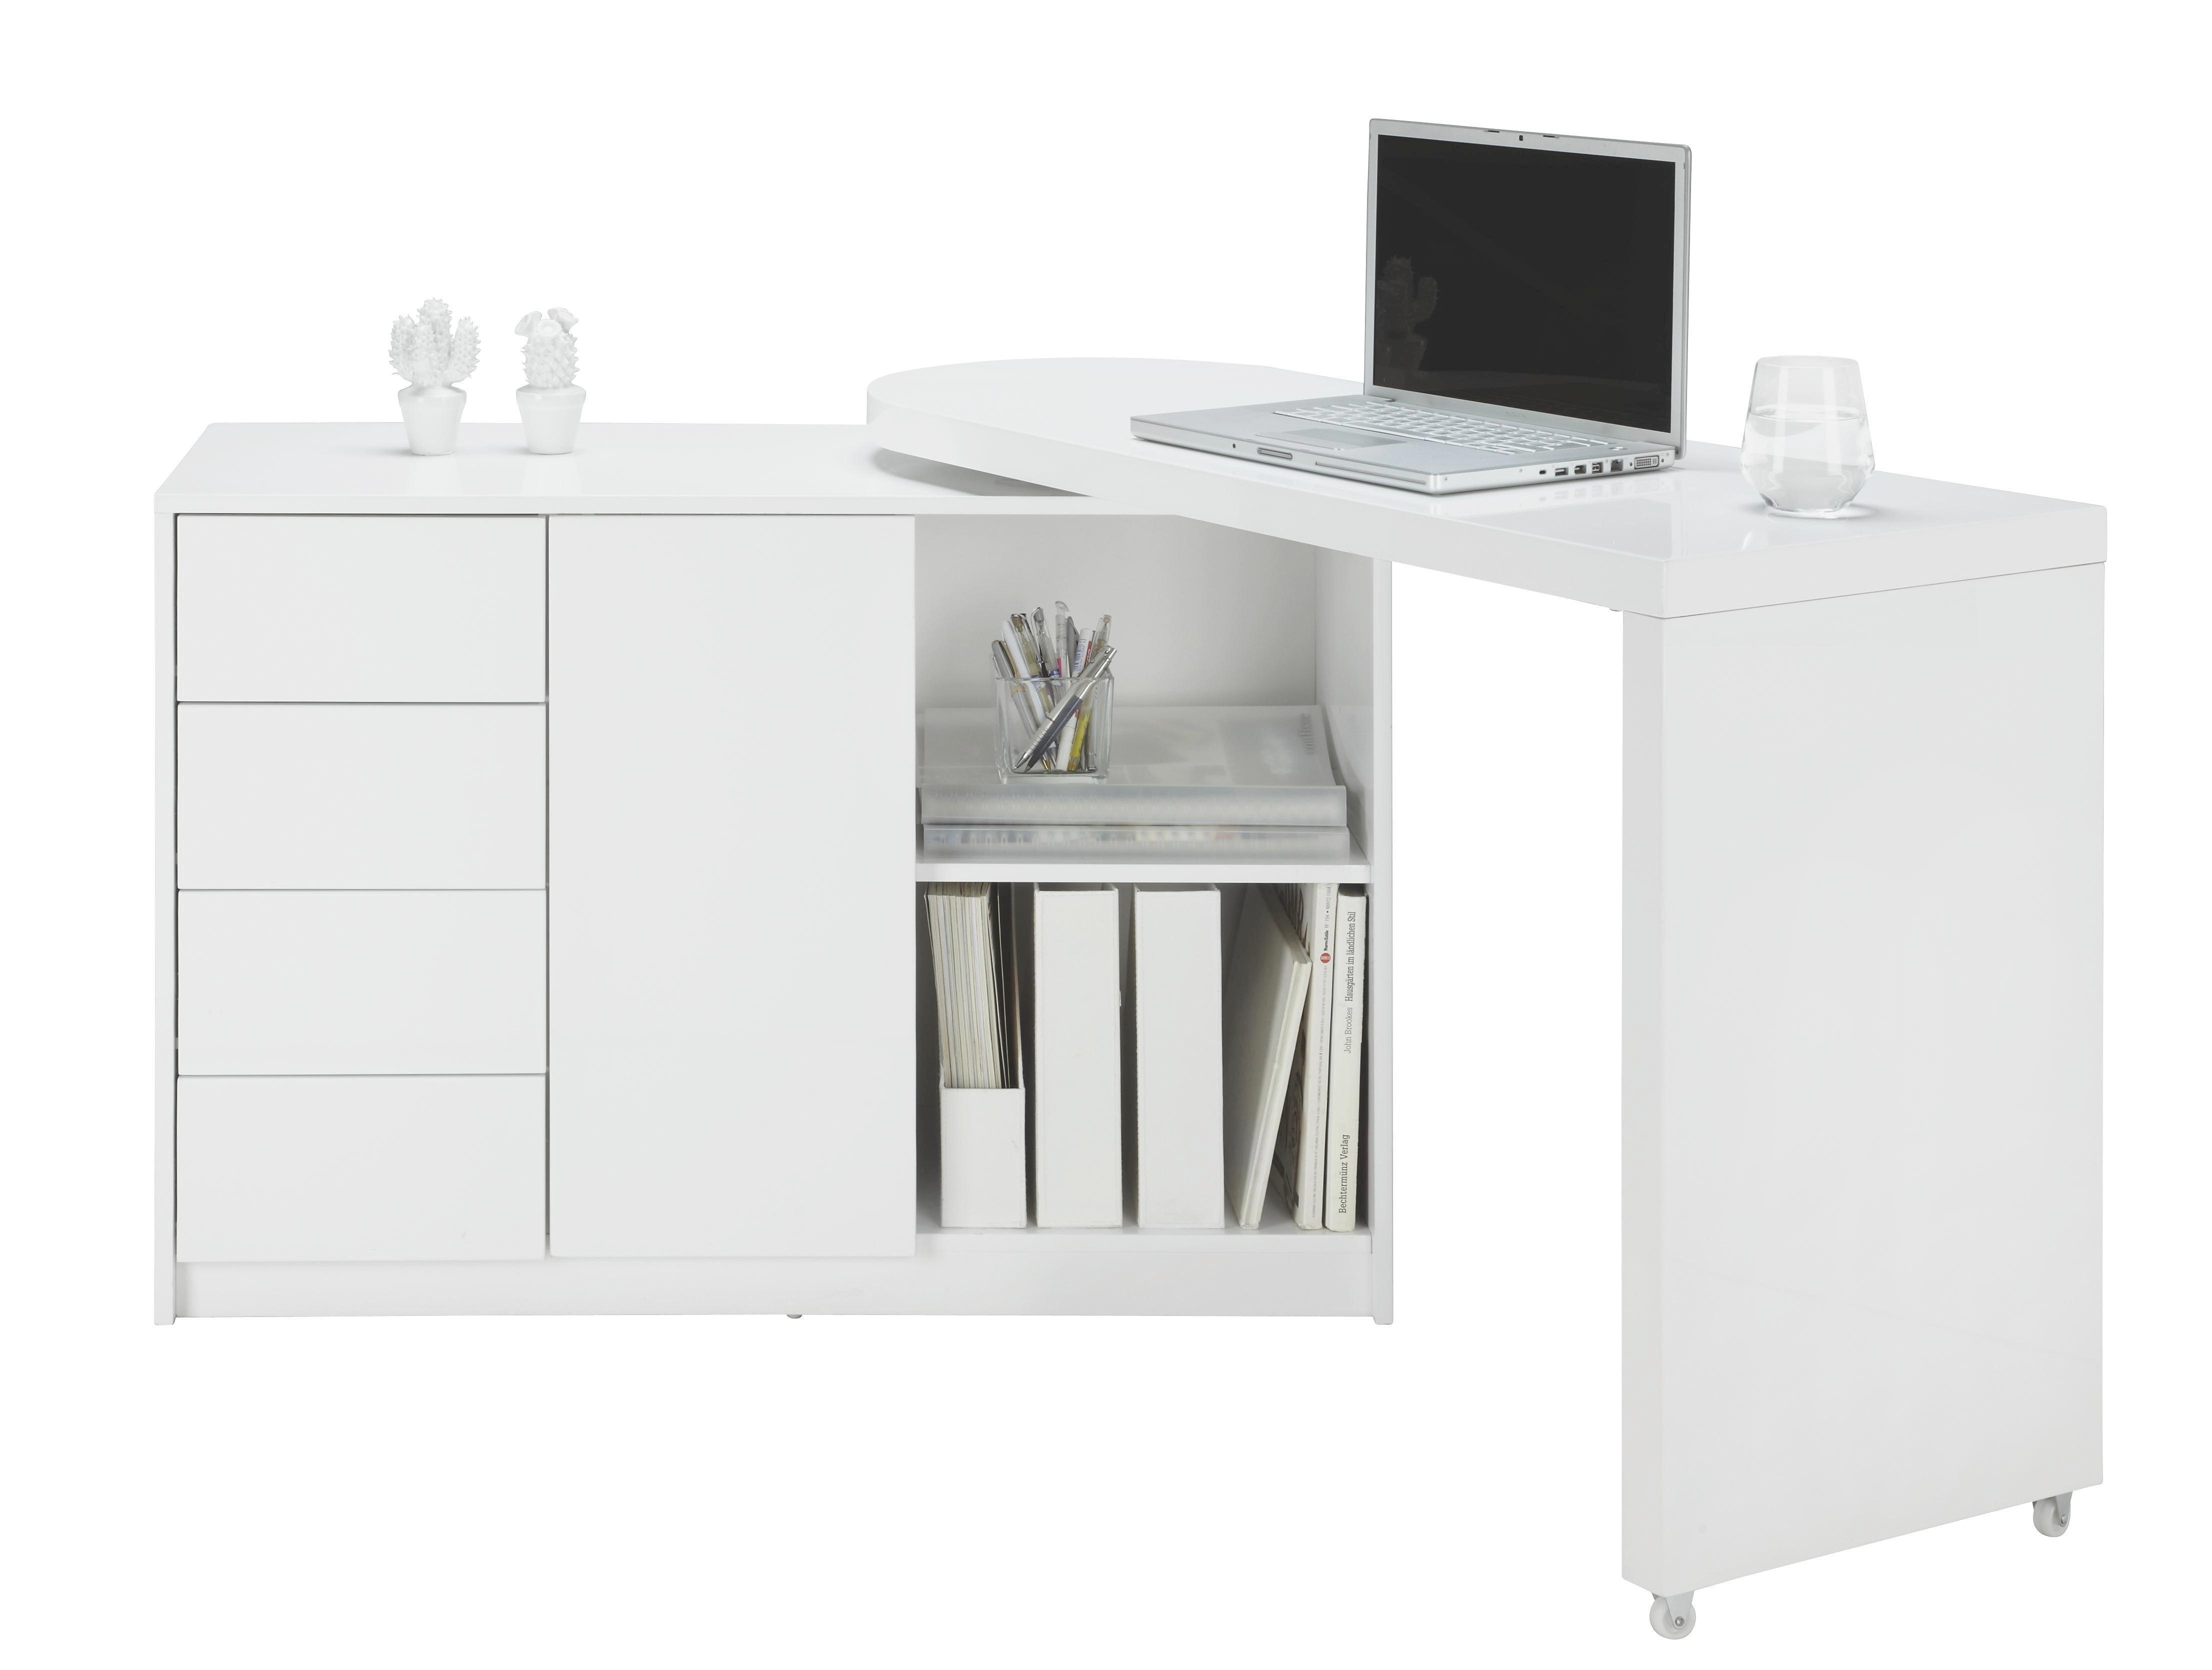 Kommode in Weiß Hochglanz - Weiß, MODERN, Holzwerkstoff/Kunststoff (166/77/42cm) - MÖMAX modern living